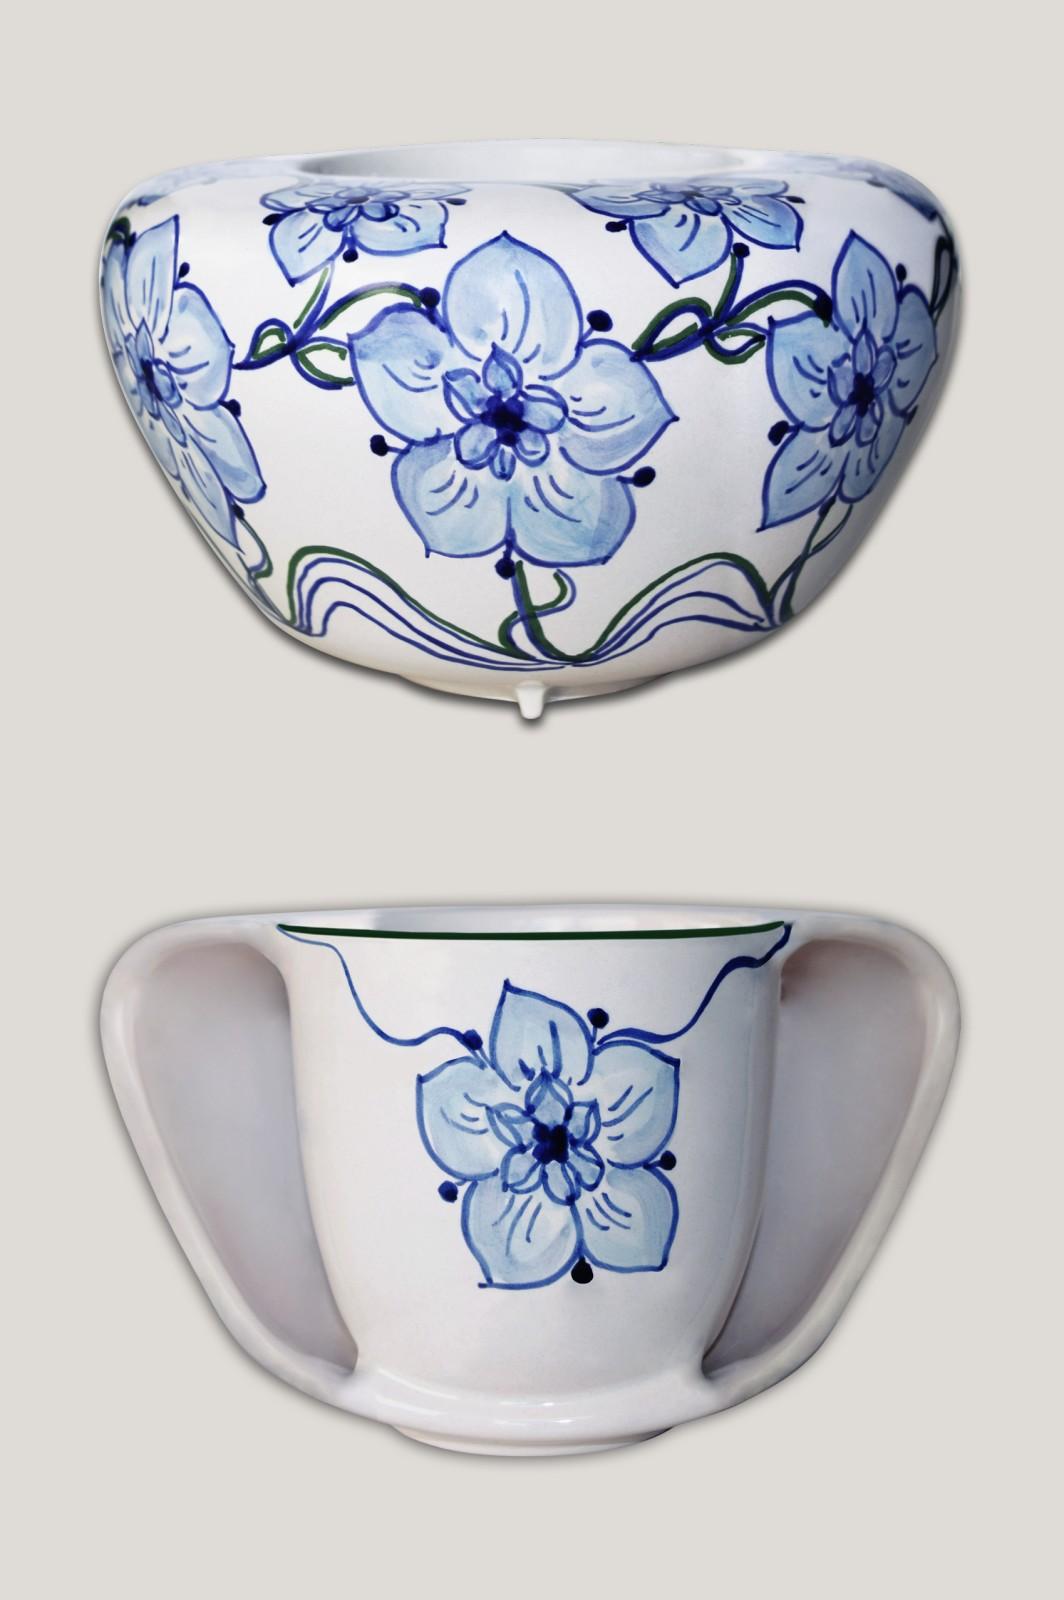 ToastyMUG - hands warmer mug White with Decoration